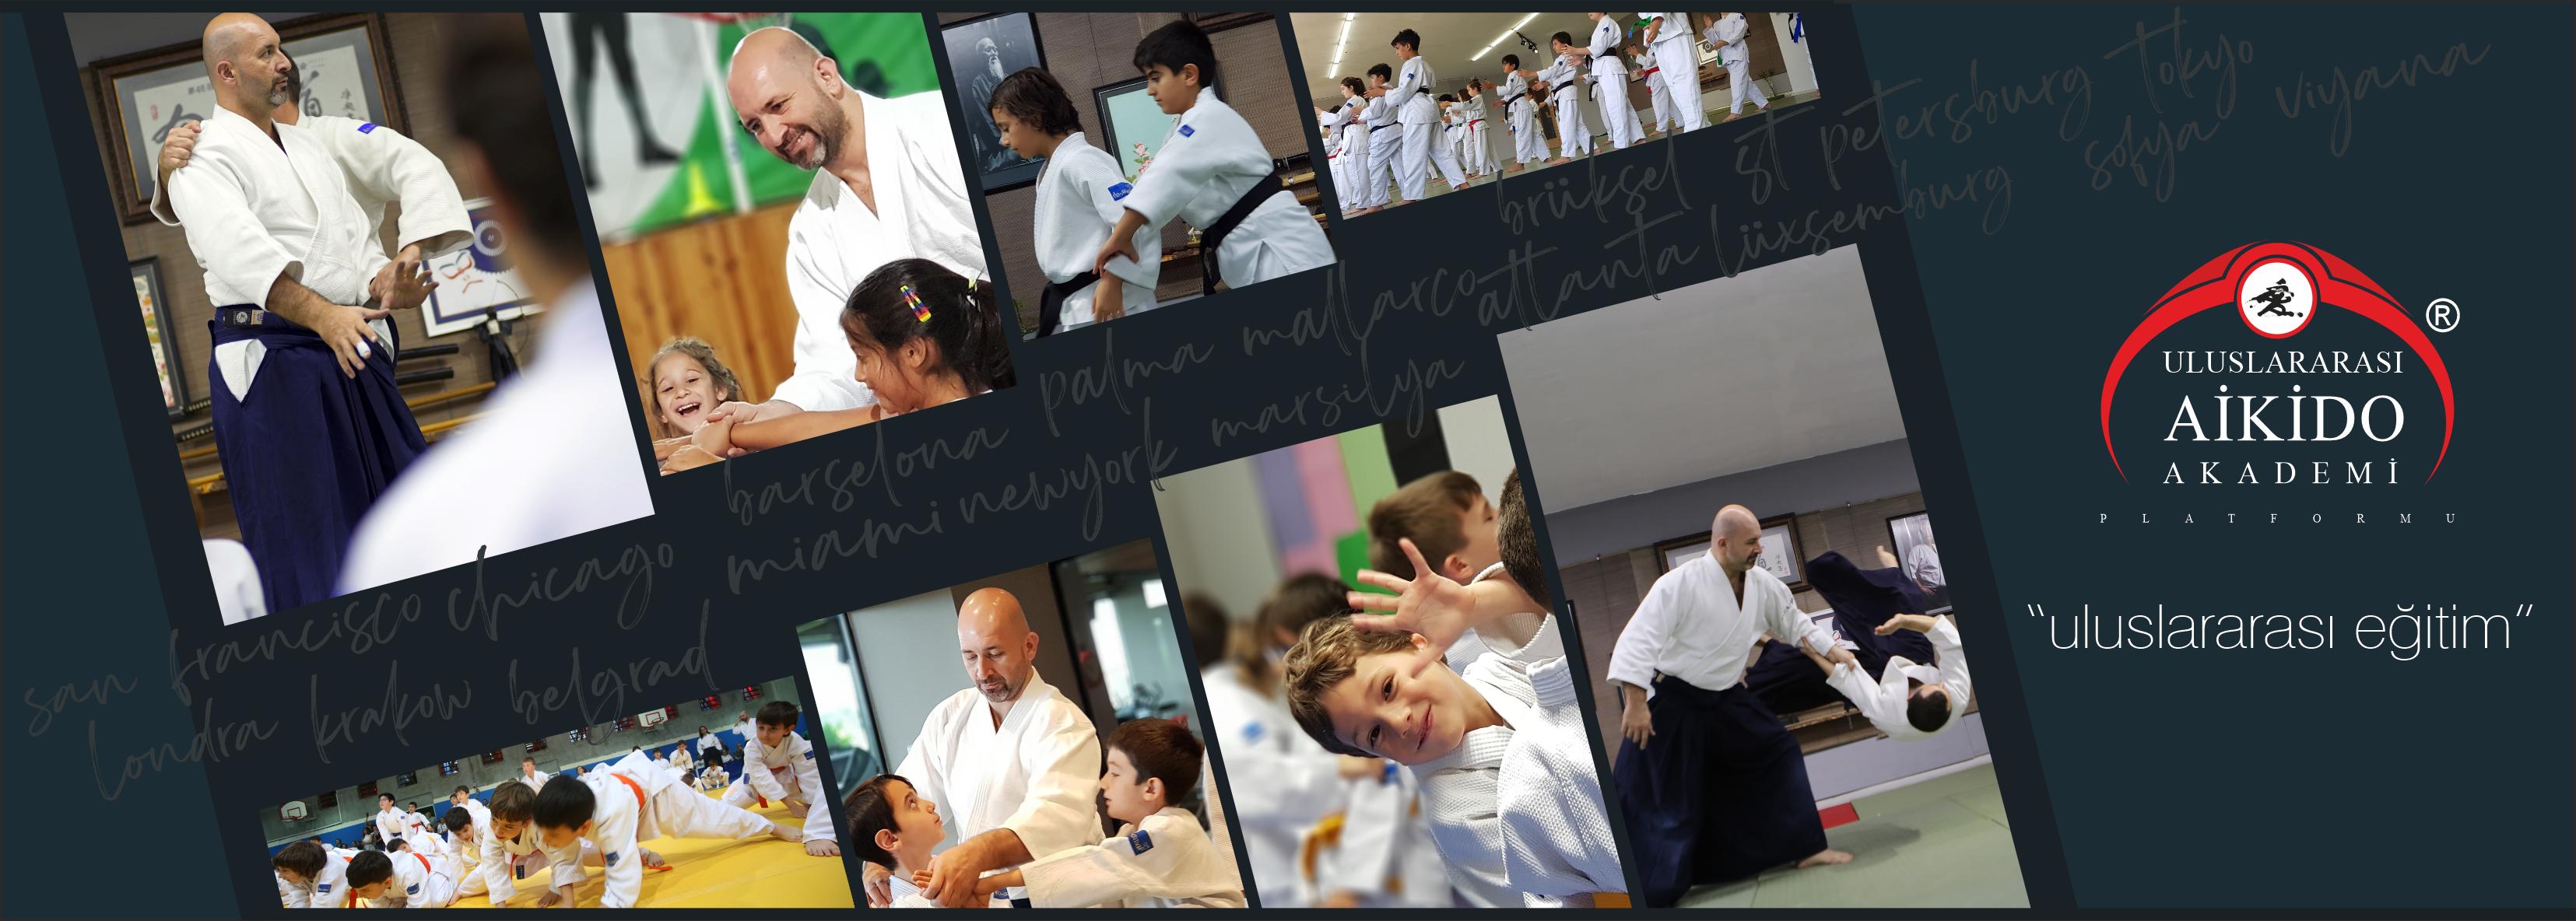 aikido, istanbulaikido, aikidoistanbul, çocuk eğitimi, çocukların dünyasi, eğitim, disiplin, okul öncesi, savunma sanatı, kendini koruma